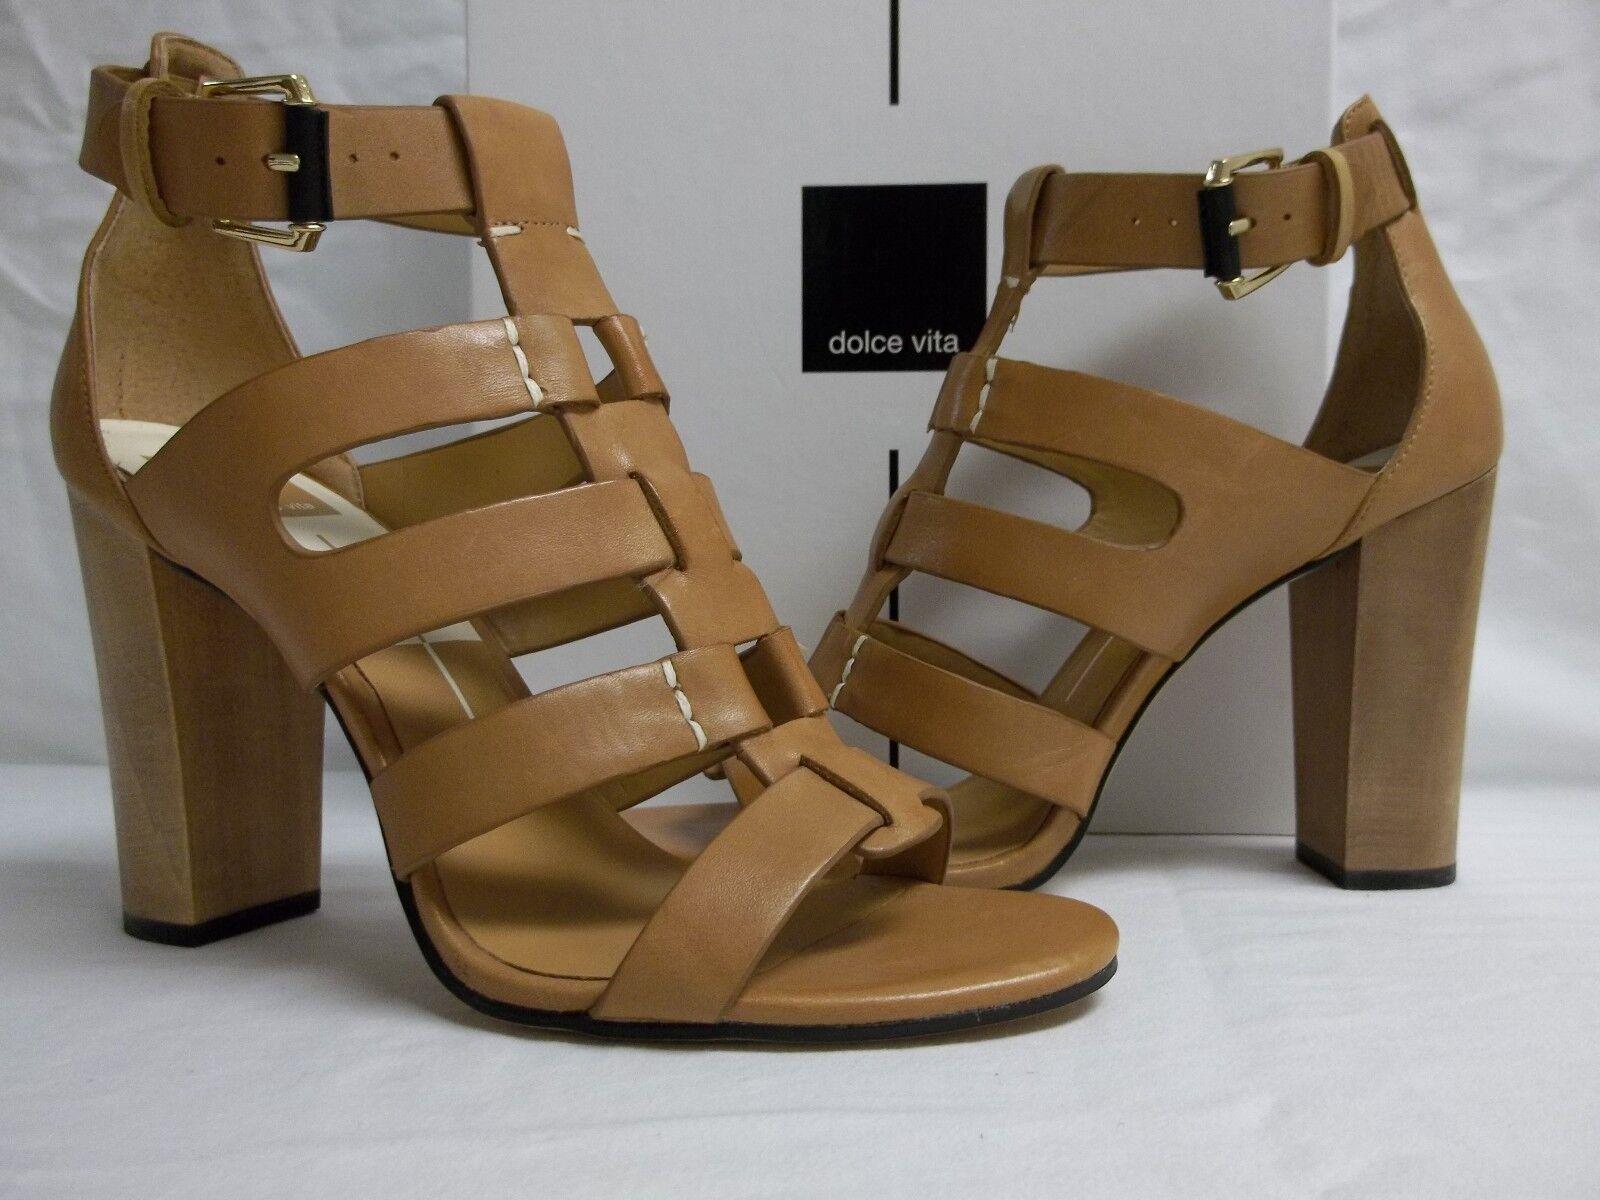 Dolce Vita Größe 9.5 M Caramel Leder Open Toe Heels NEU Damenschuhe Schuhes